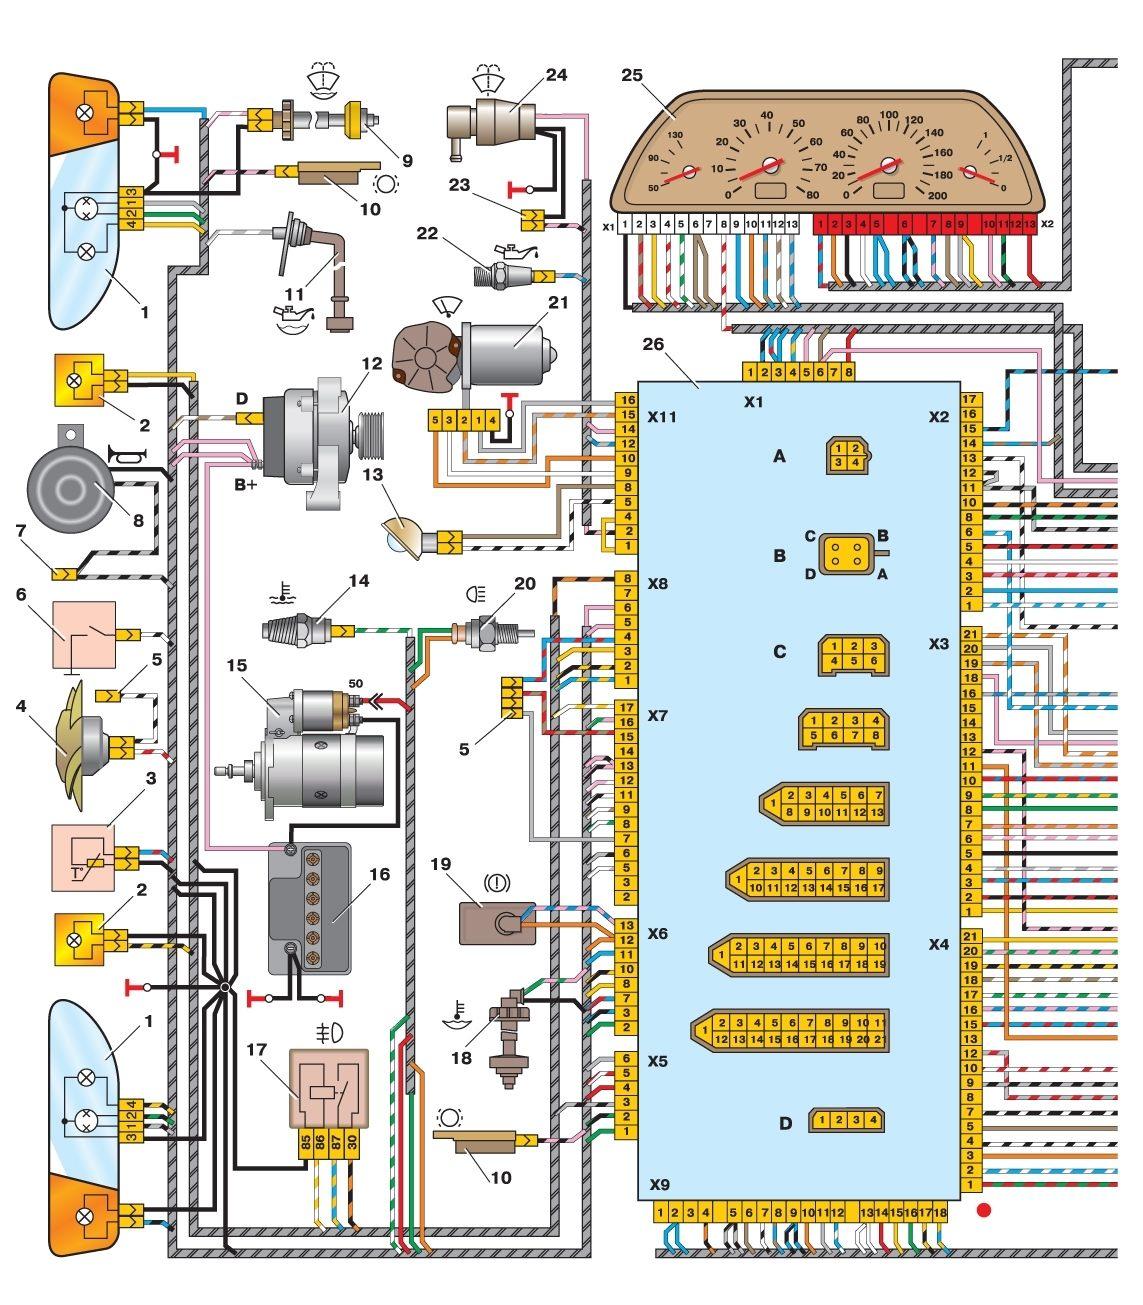 Схема монтажного блока Ваз 2114, Ваз 2115, Ваз 2113, Лада Самара 2 Реле и предохранители.